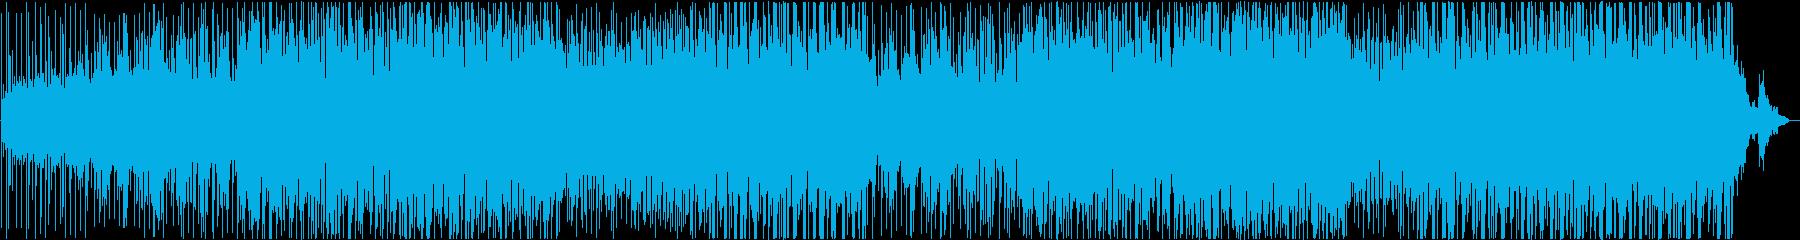 ビーチリゾートで流れるチルアウトの再生済みの波形